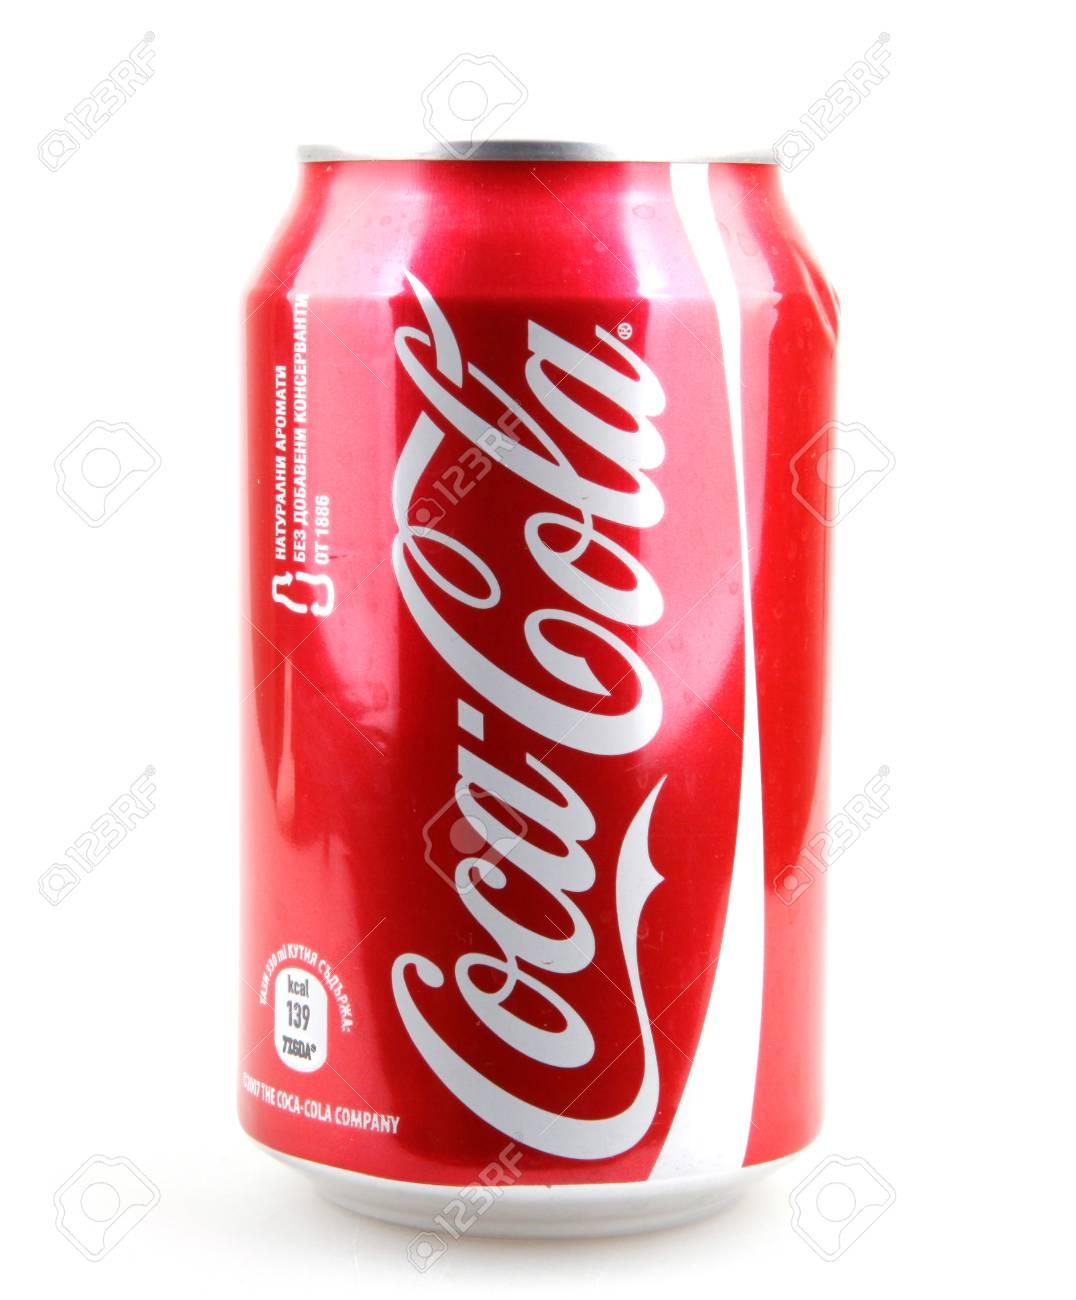 Aytos Bulgaria 11 Dicembre 2014 Coca Cola Isolato Su Sfondo